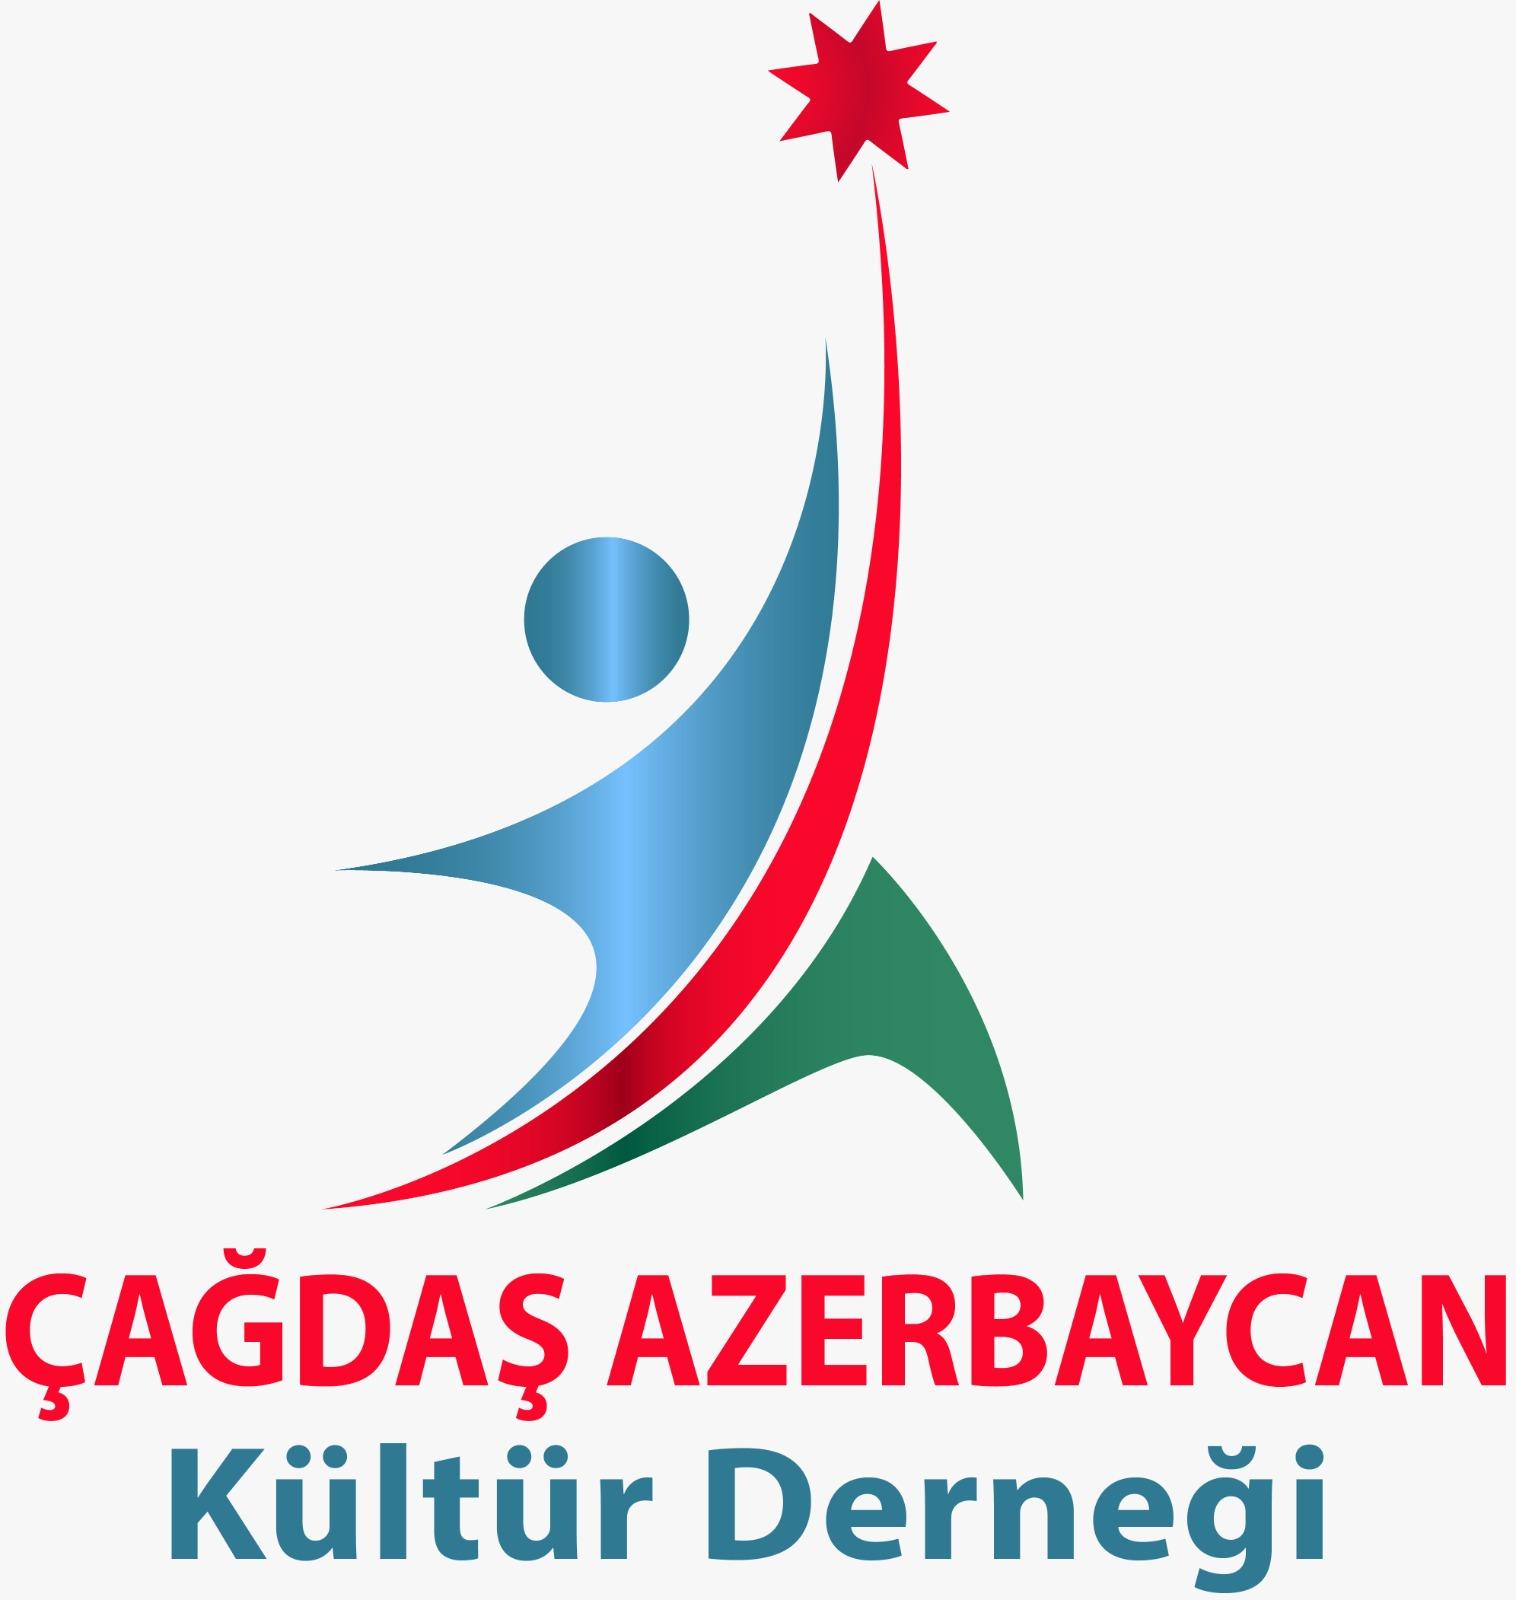 Çağdaş Azerbaycan Kültür Derneği